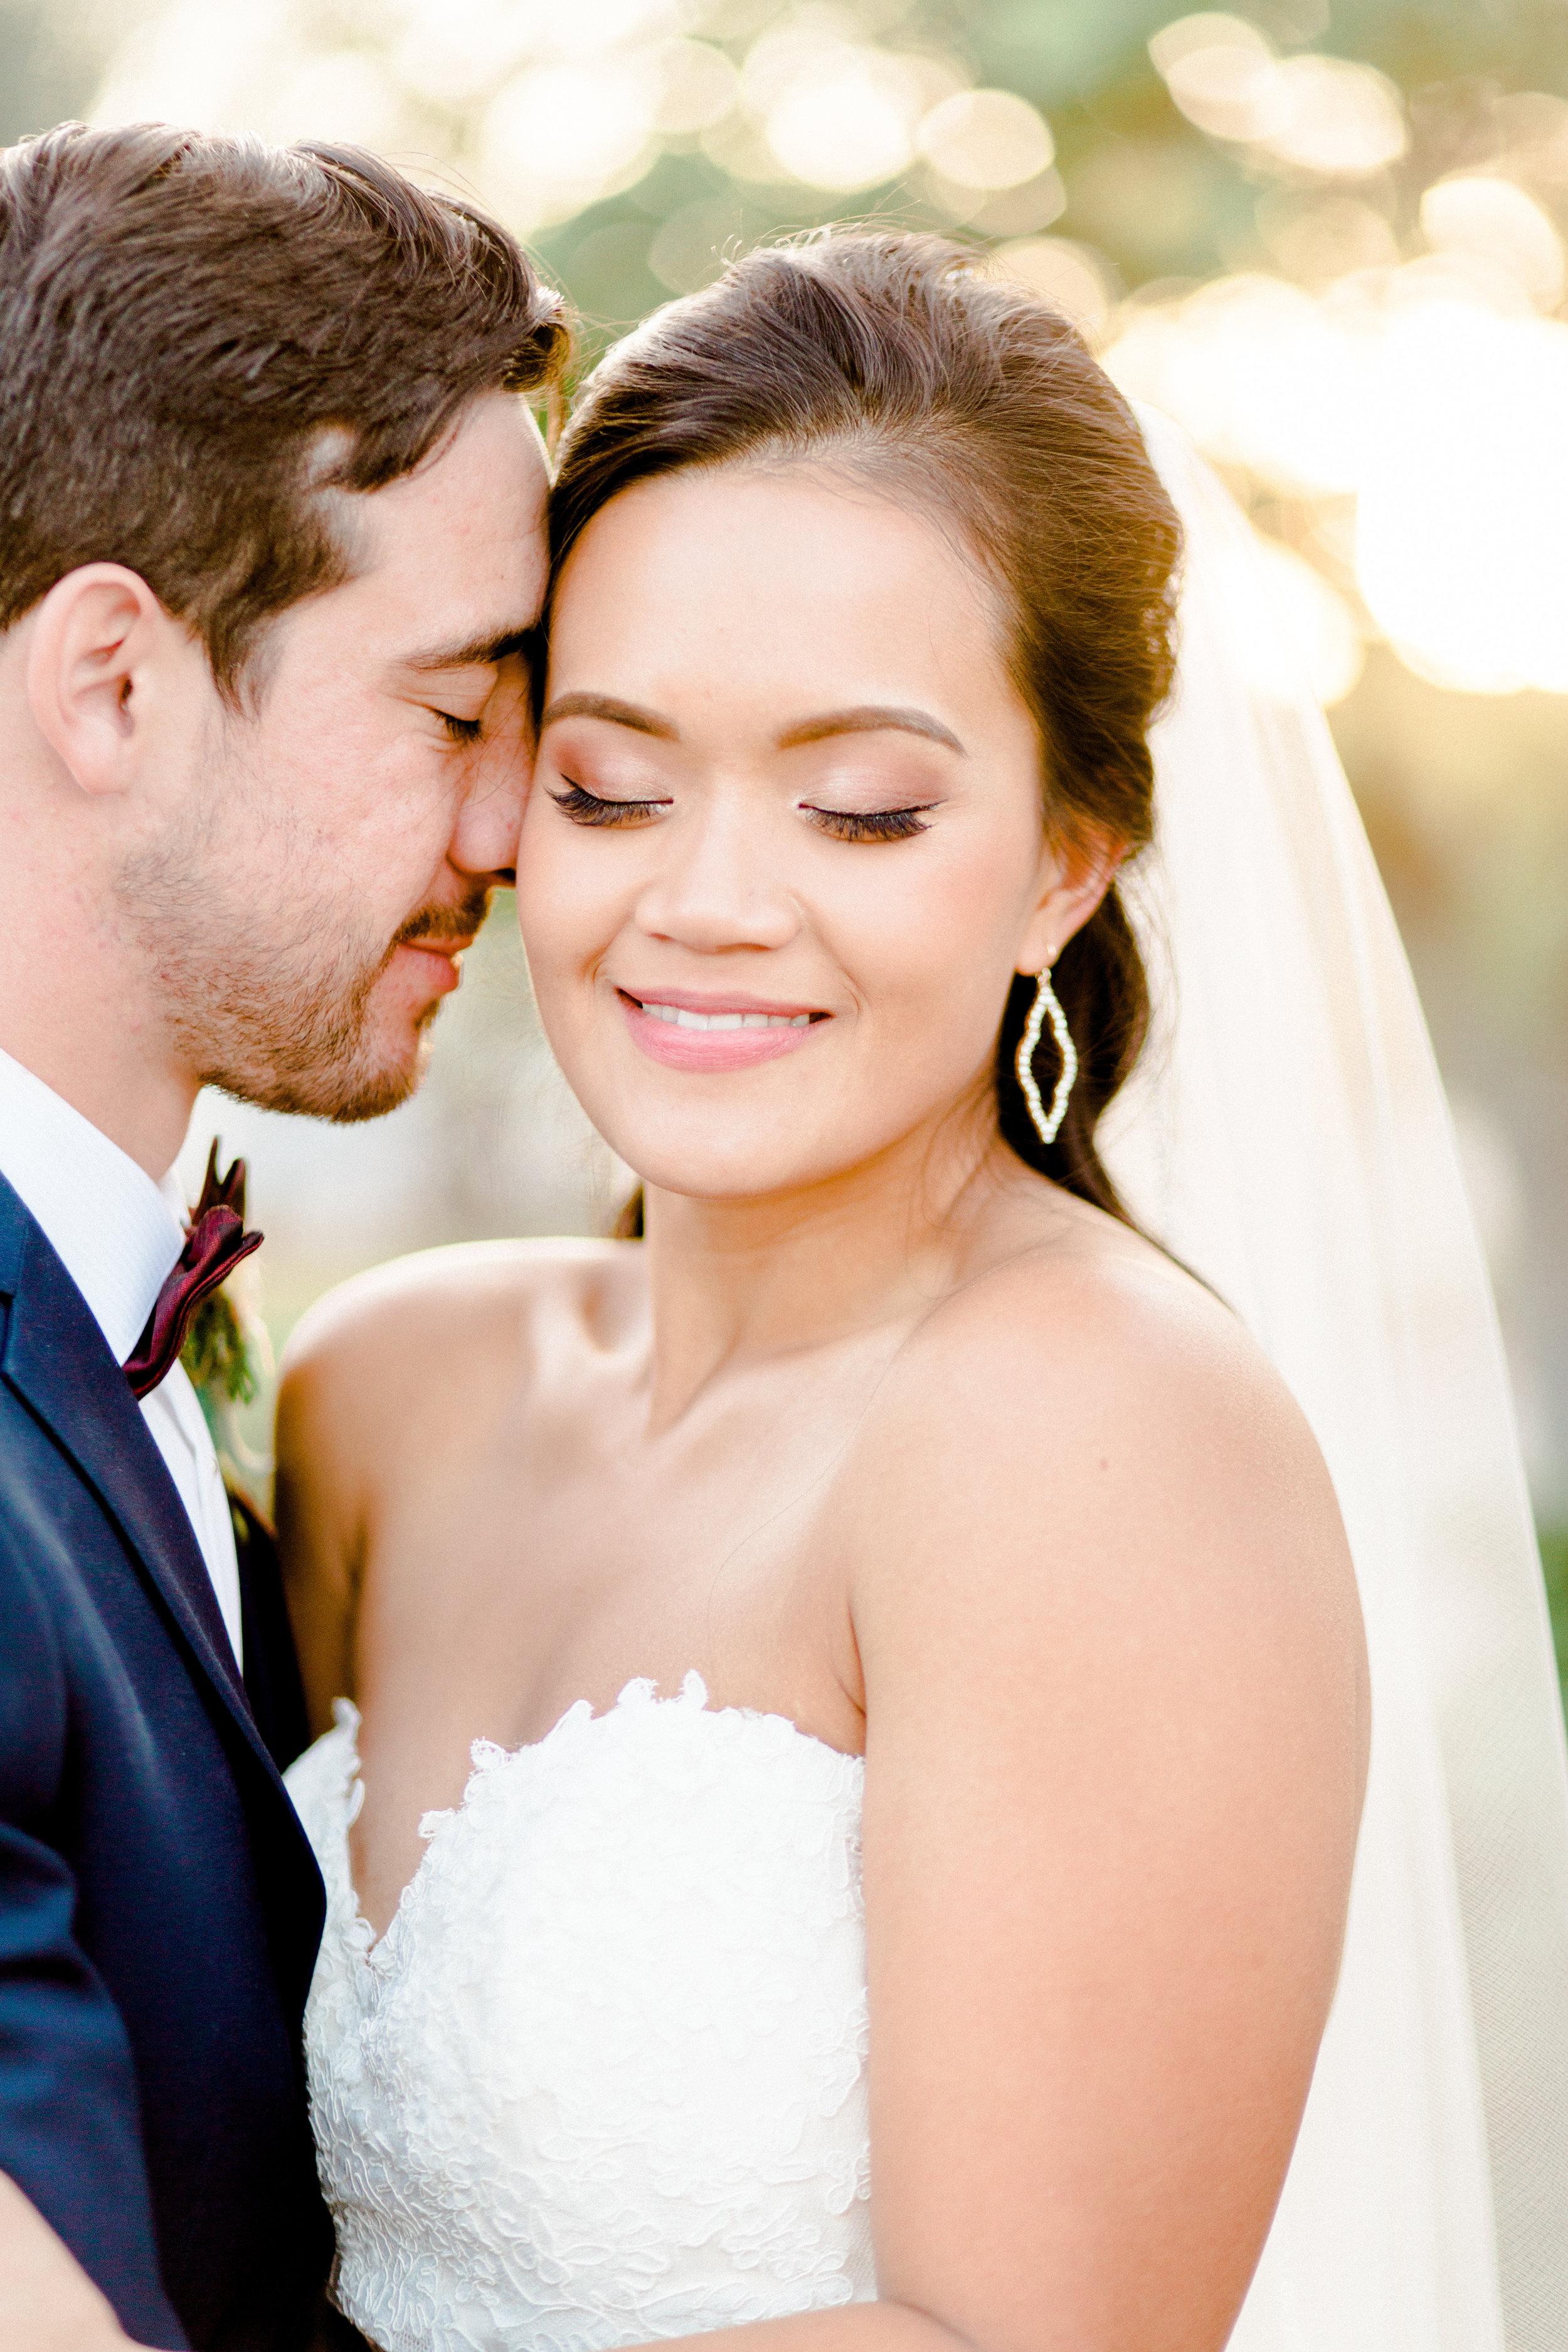 Tuyet_and_Ben-Secret_Garden_Wedding-Andrew_and_Ada_Photography-582.jpg